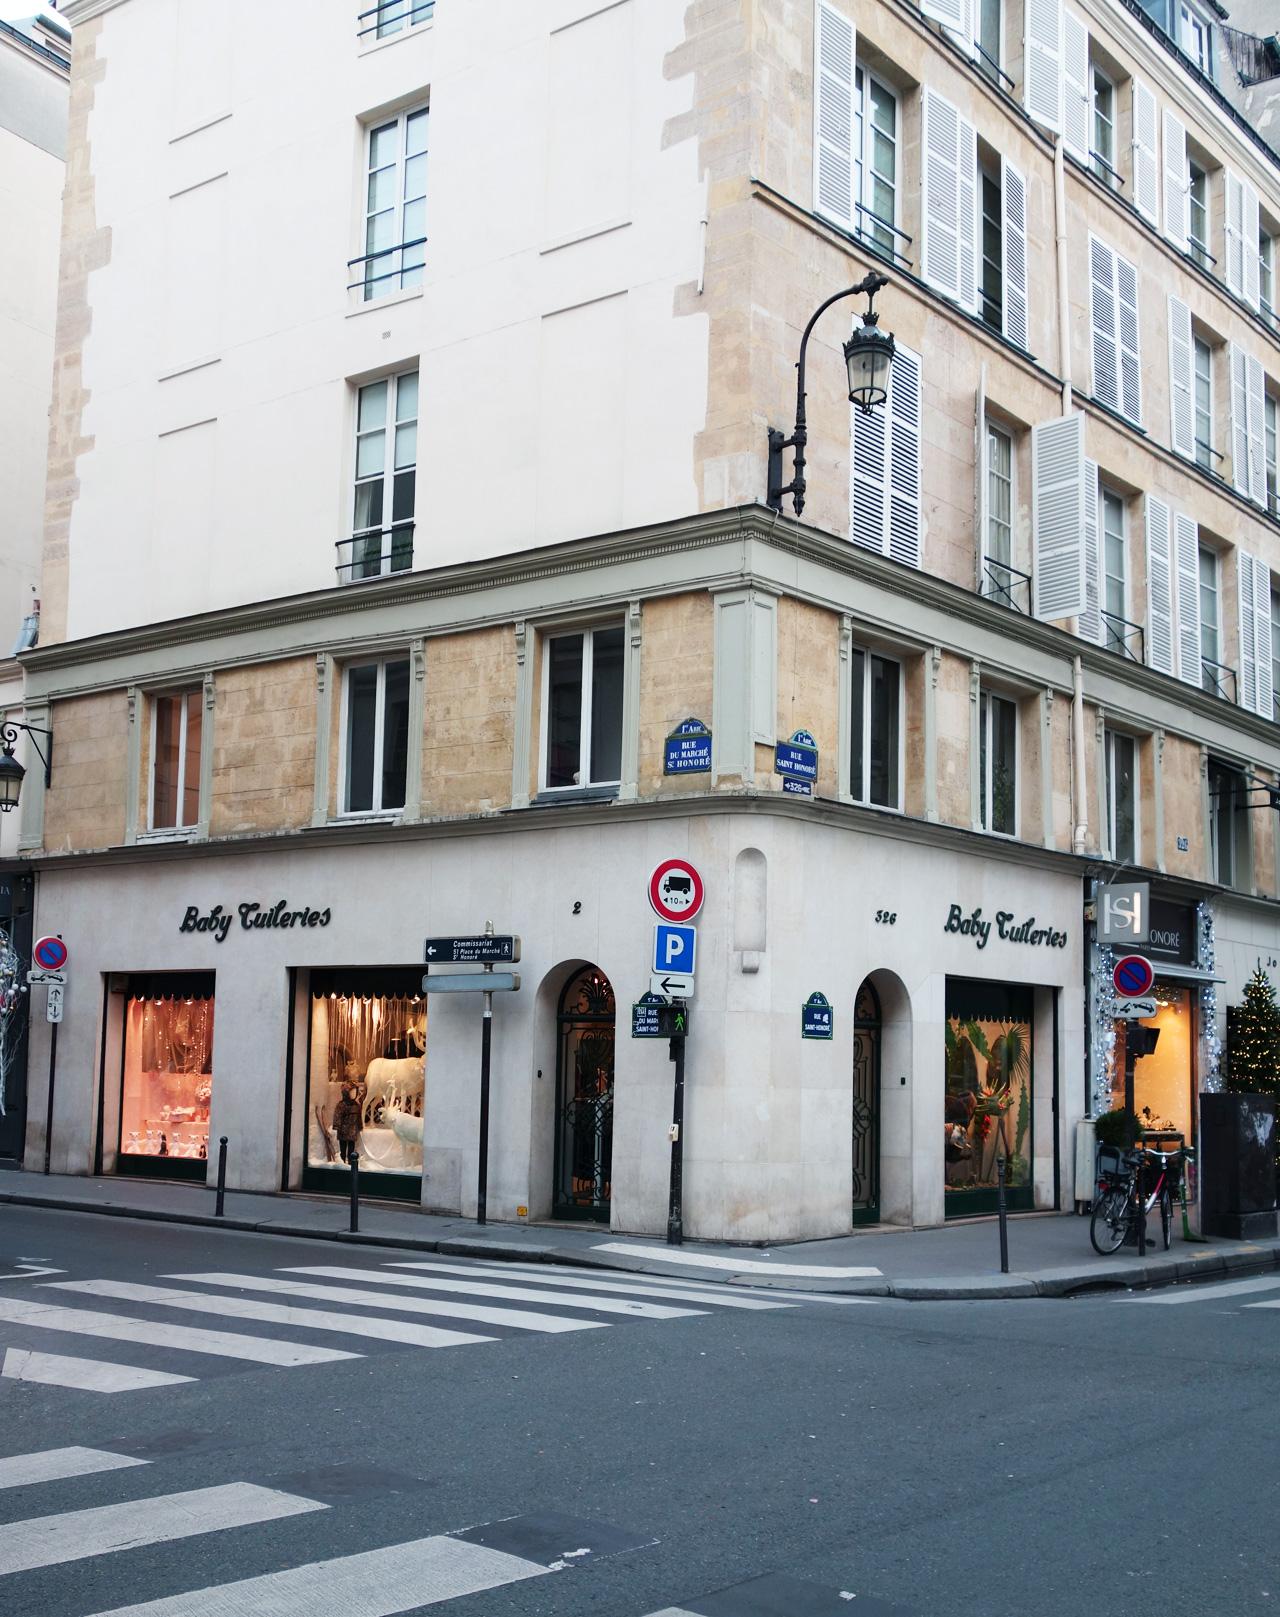 Baby-Tuileries-boutique-vitrines-noel-2013-facade